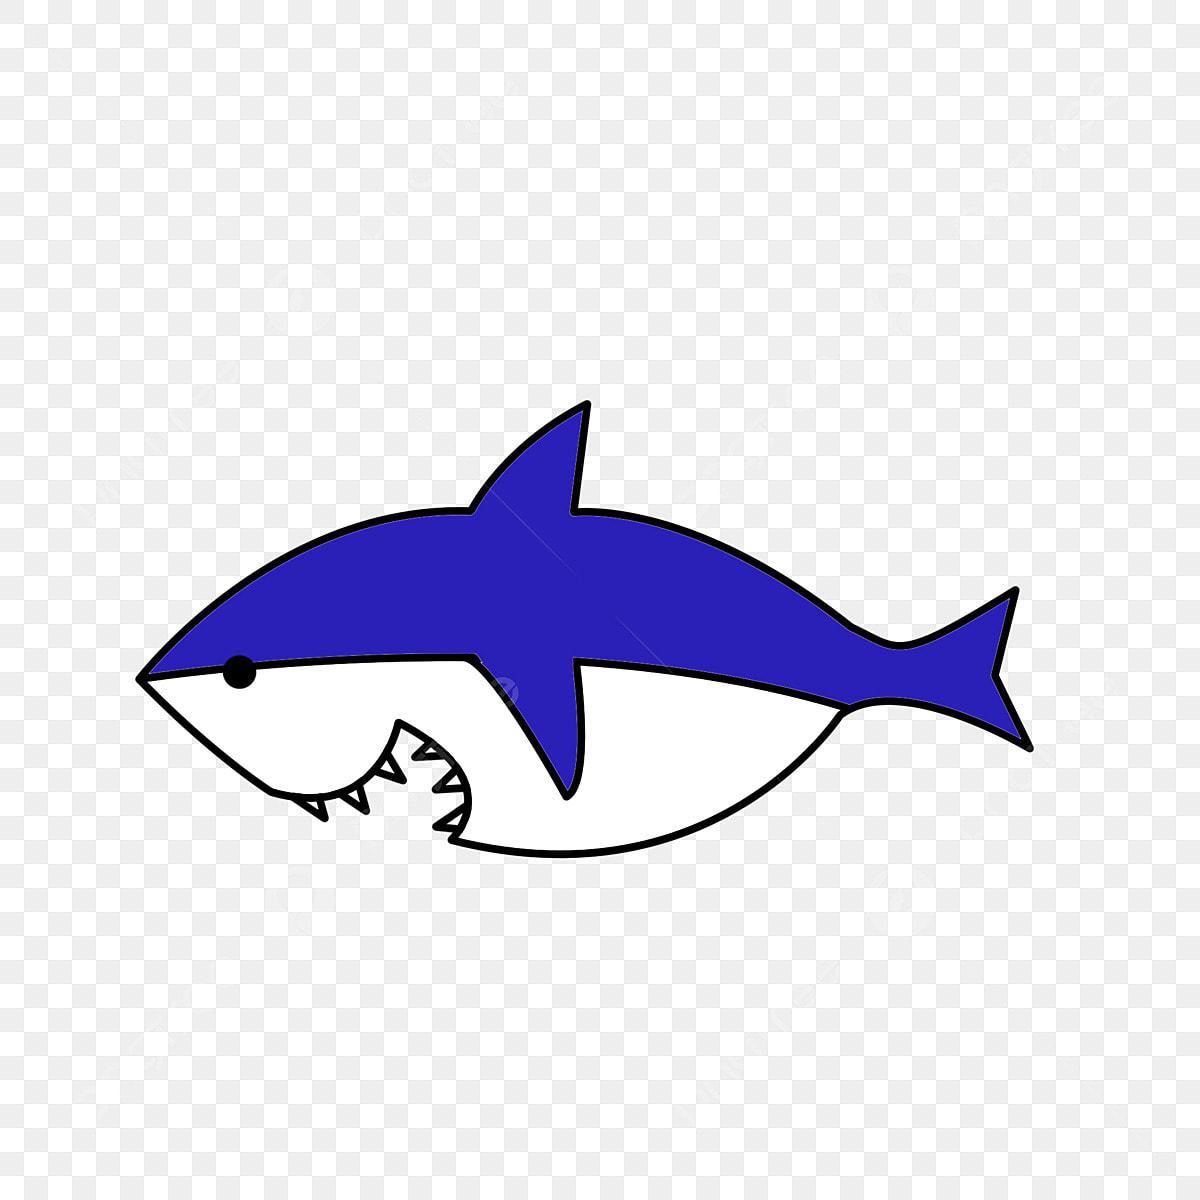 85 Koleksi Gambar Ikan Hiu Png Gratis